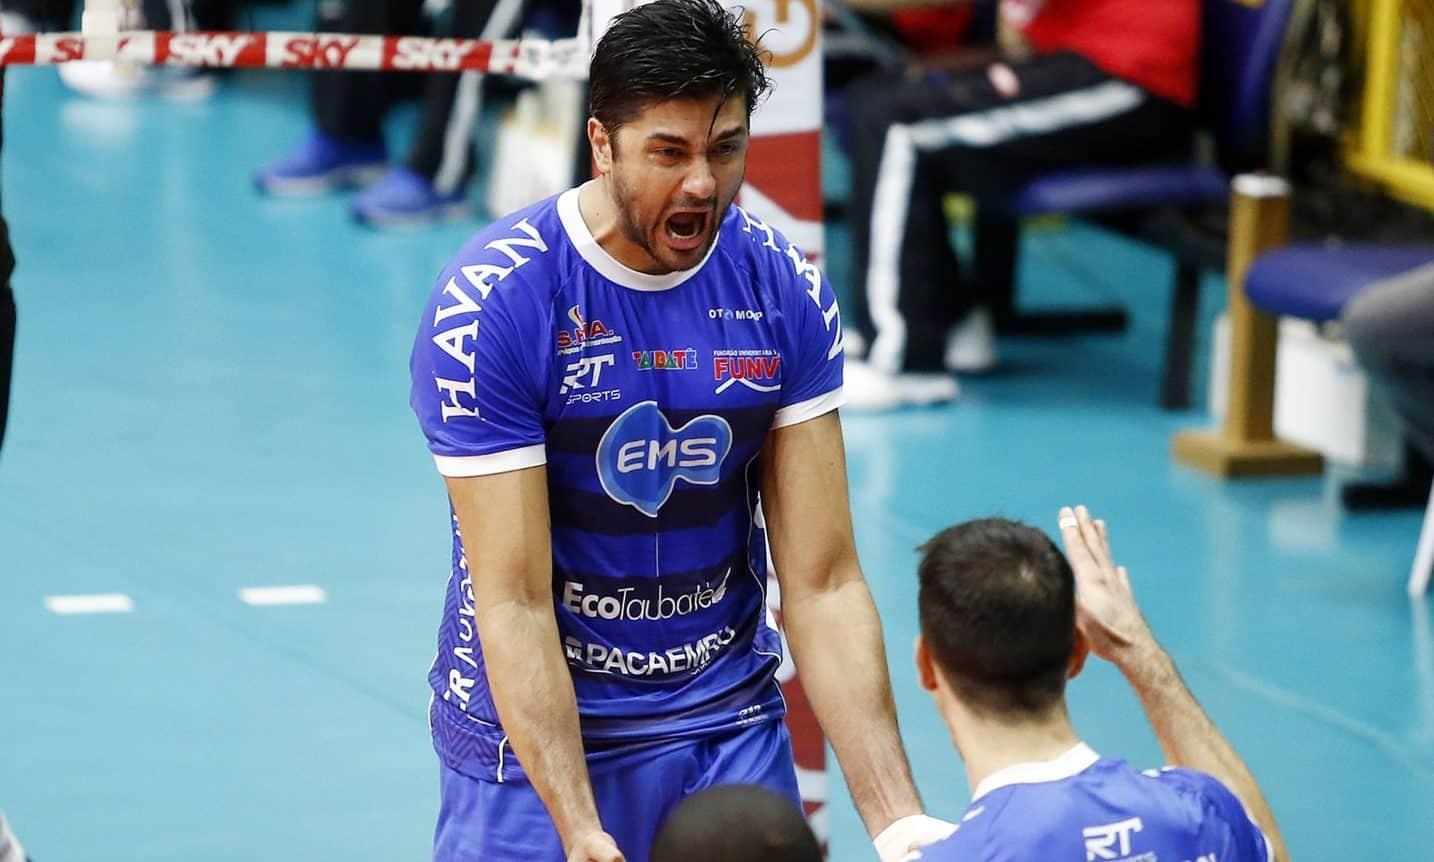 Leandro Vissoto se despede do Taubaté vôlei após duas temporadas